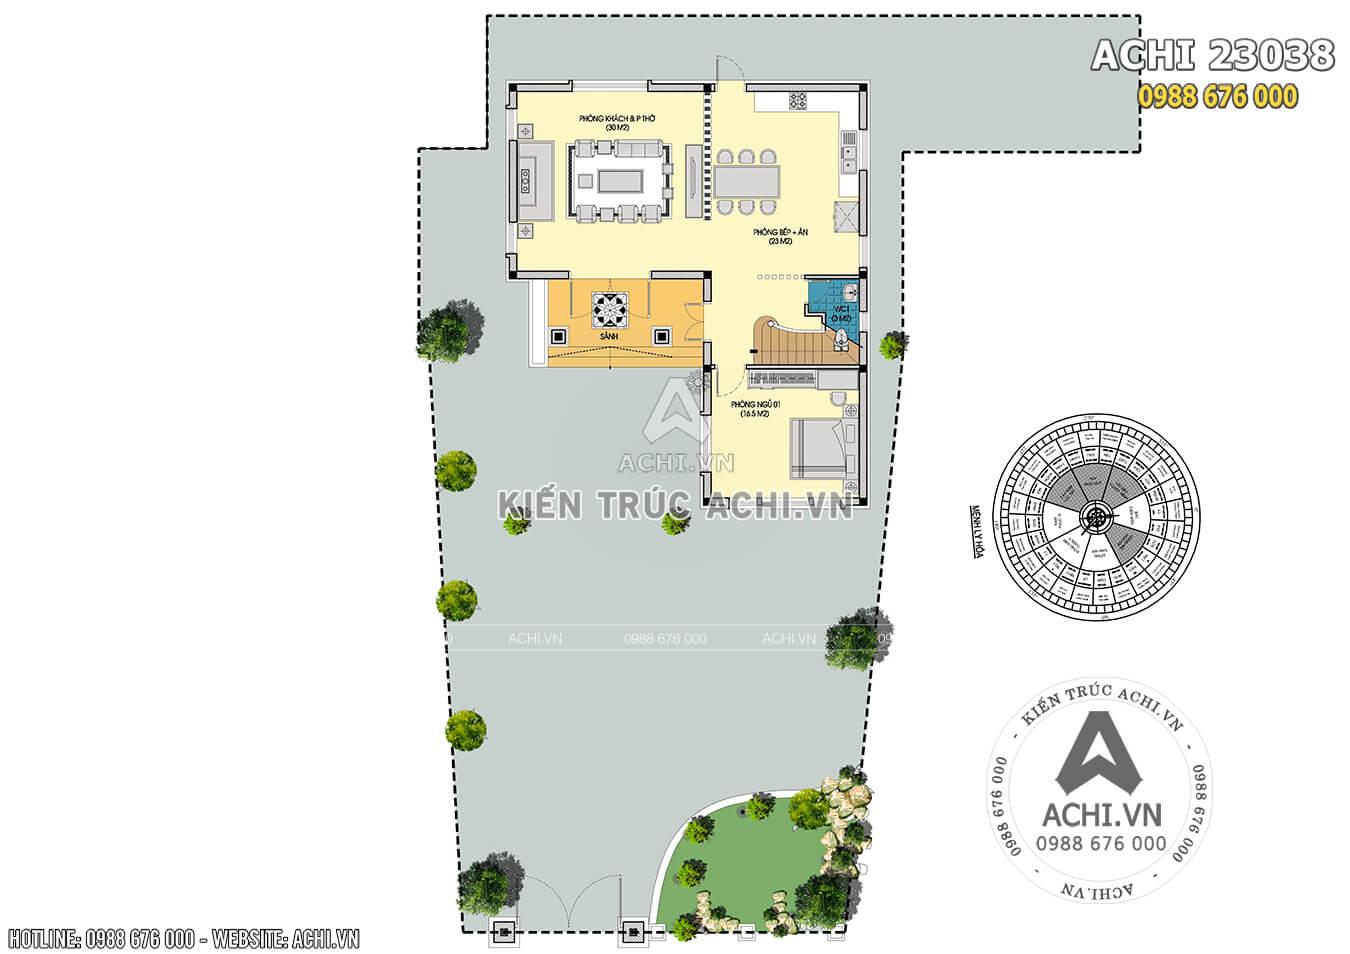 Hình ảnh: Mặt bằng tổng thể tầng 1 và cảnh quan sân vườn mẫu biệt thự ACHI 23038